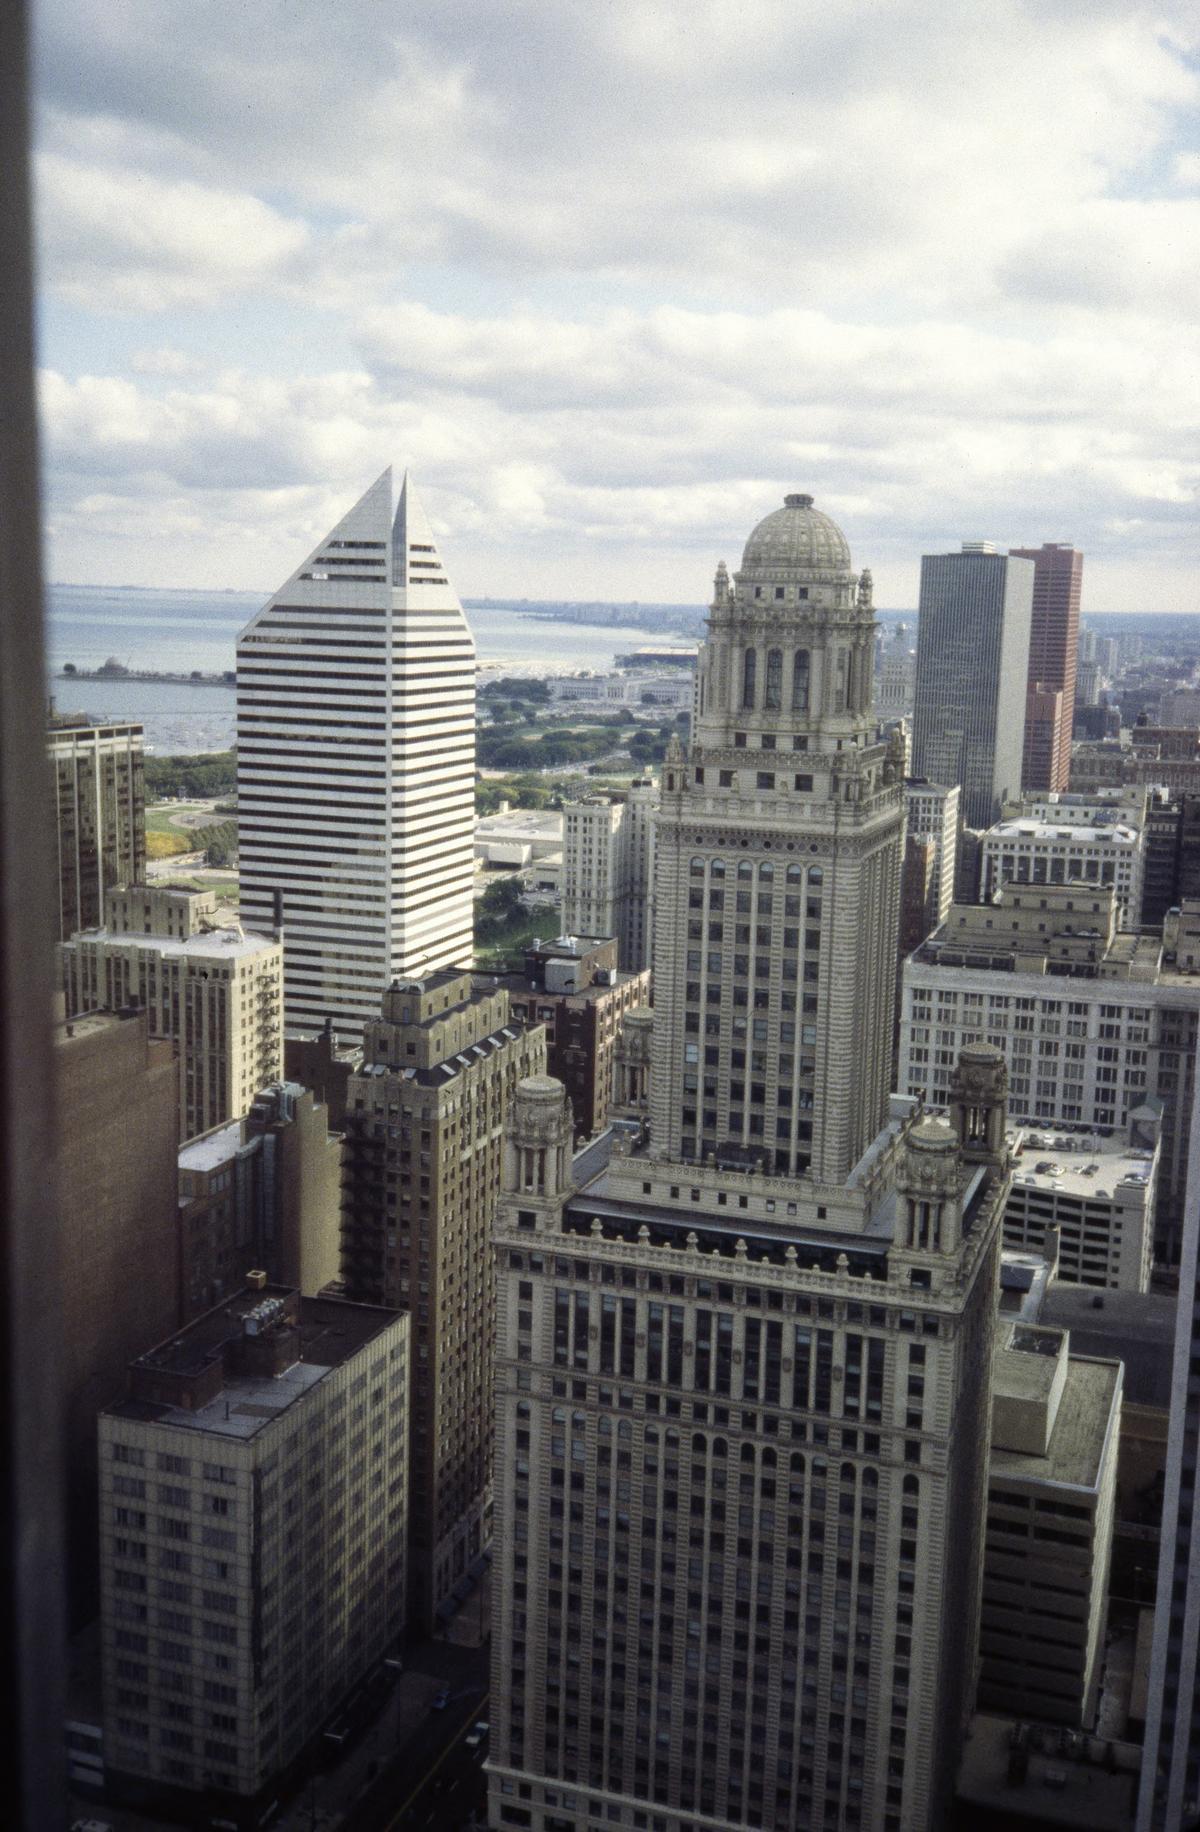 High-rise buildings in Chicago's Loop